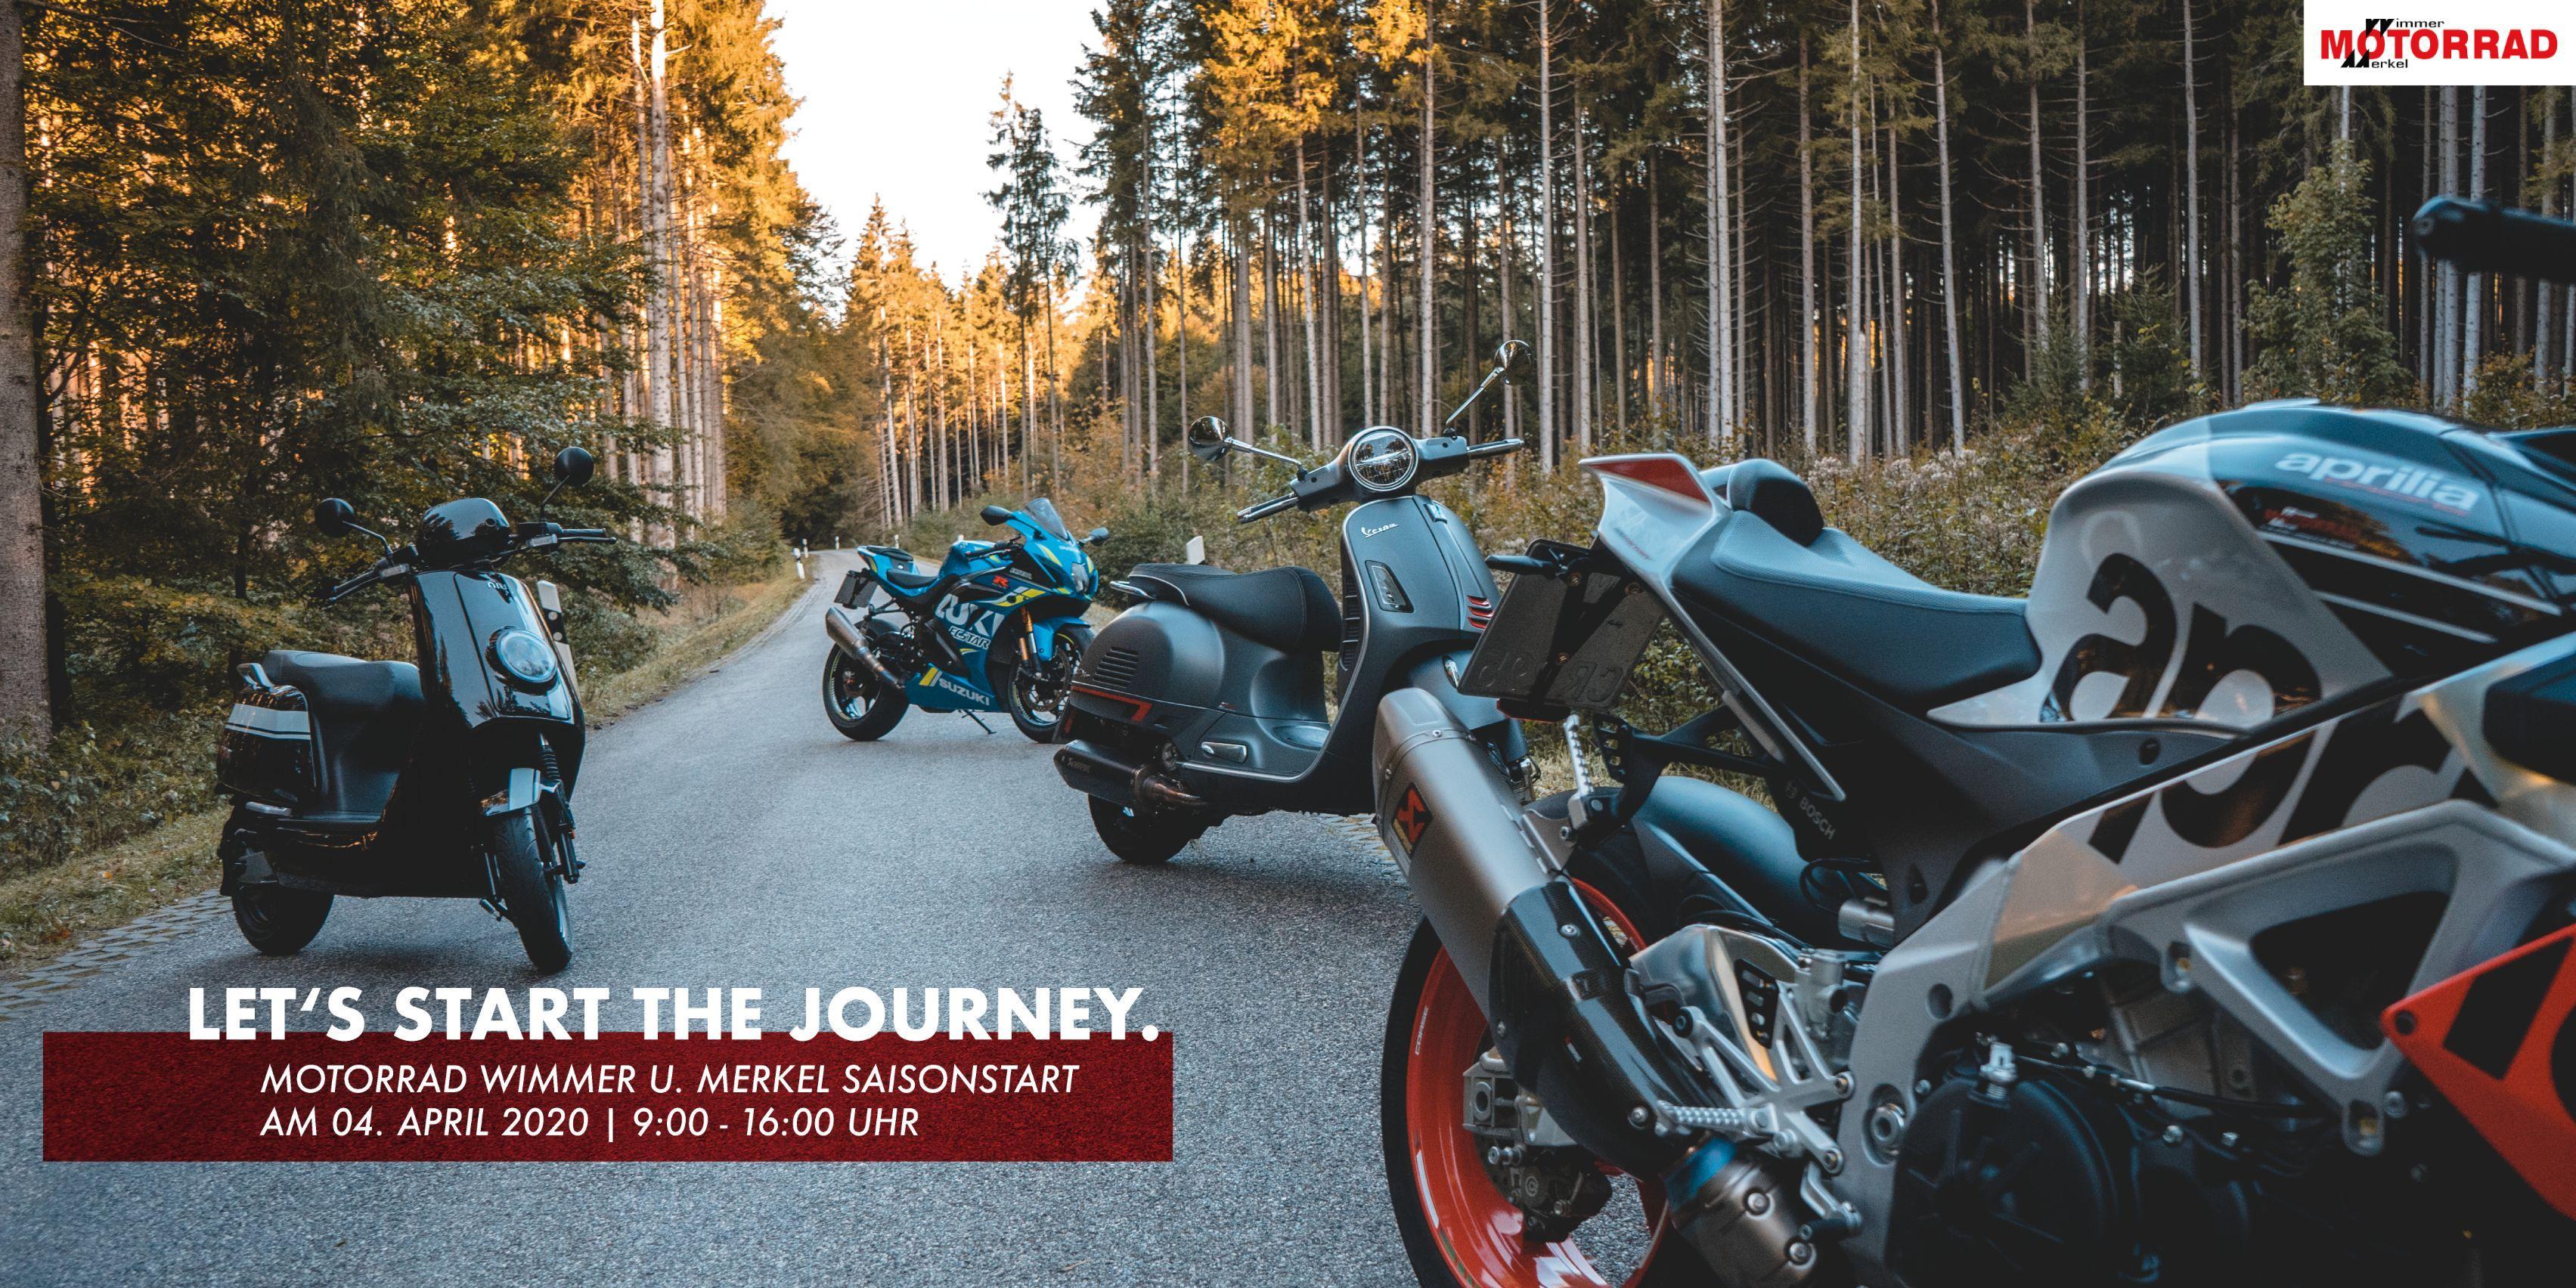 Saisonstart 2020 • Motorrad Wimmer u. Merkel